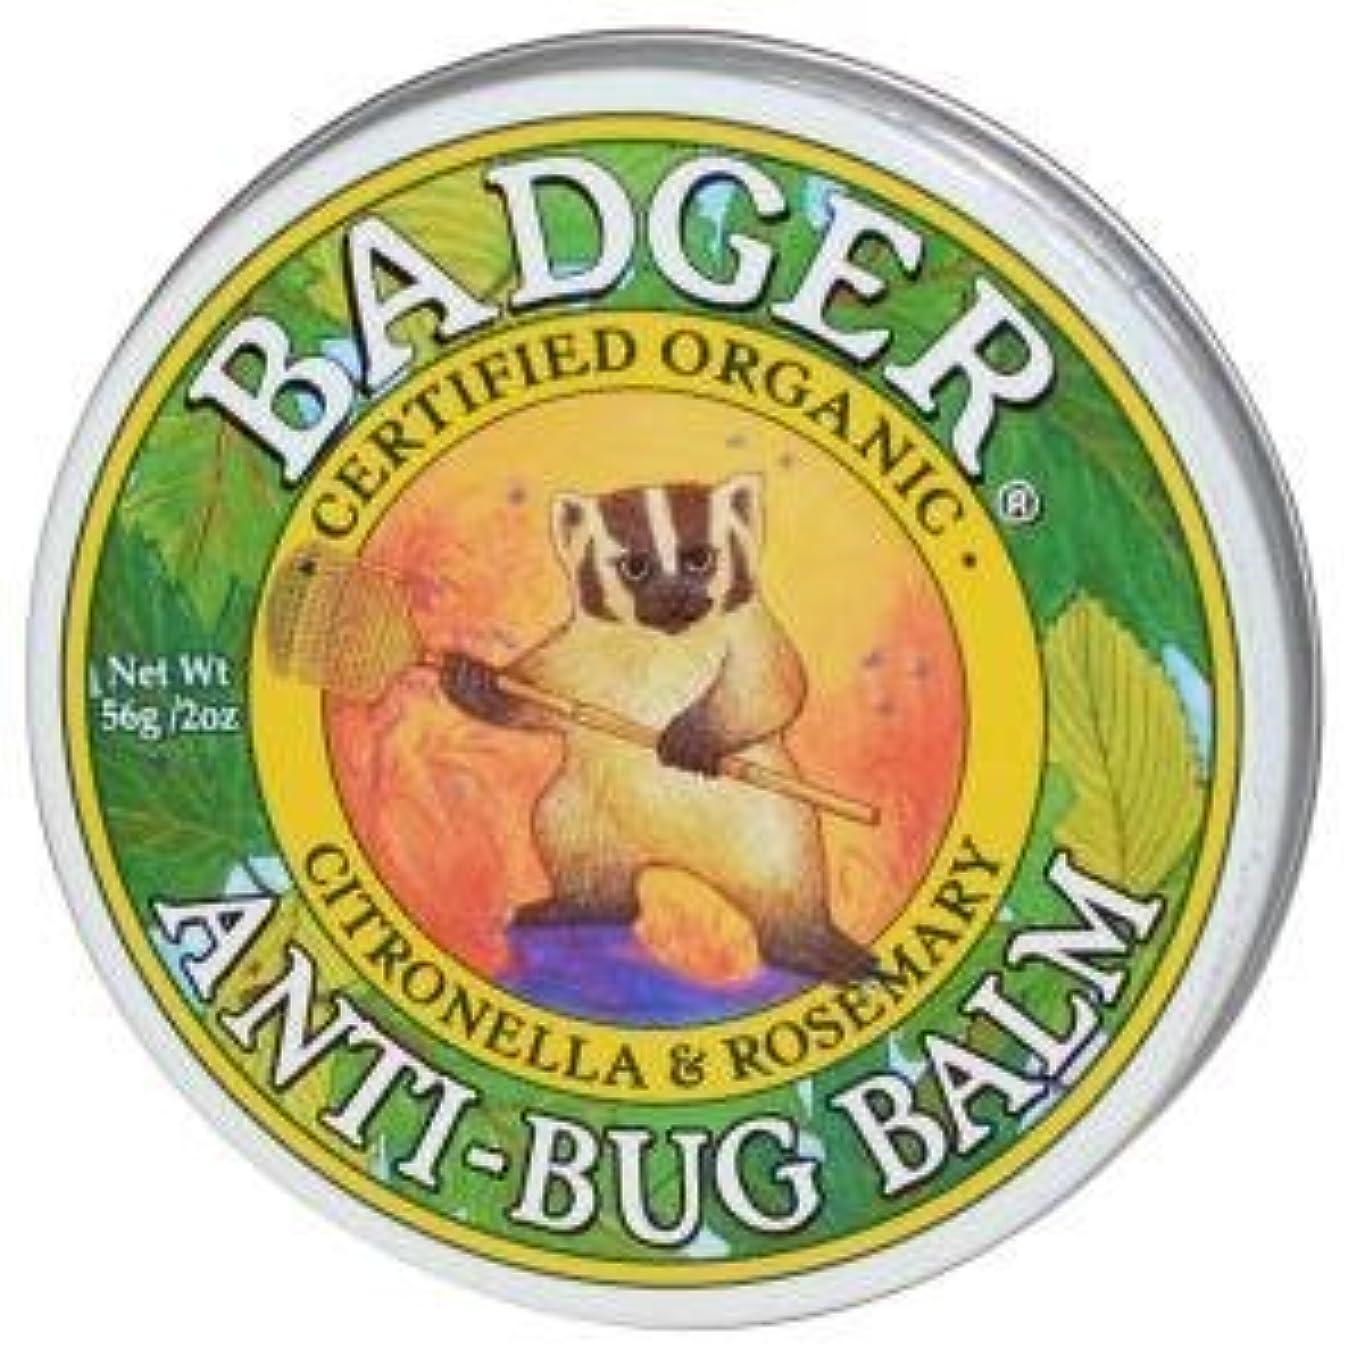 多用途合意位置づける[並行輸入品] バジャー(Badger) プロテクトバーム(虫よけバーム) 56g